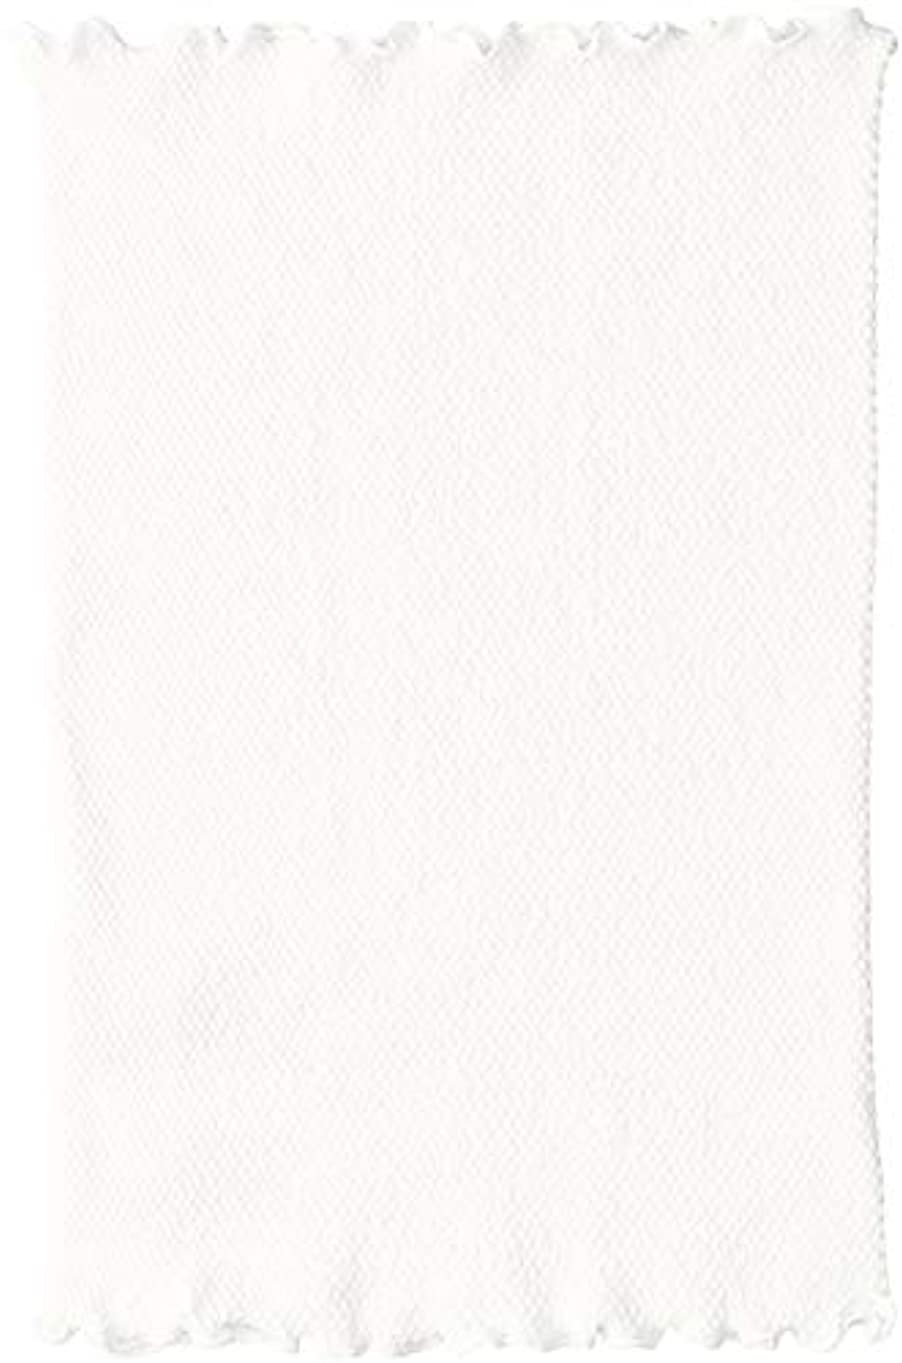 溢れんばかりのうねる持参[アツギ] 腹巻 はらまき 着る温活 綿混 シャーリング 35cm丈 日本製 ボディウォーマー 7002AS レディース